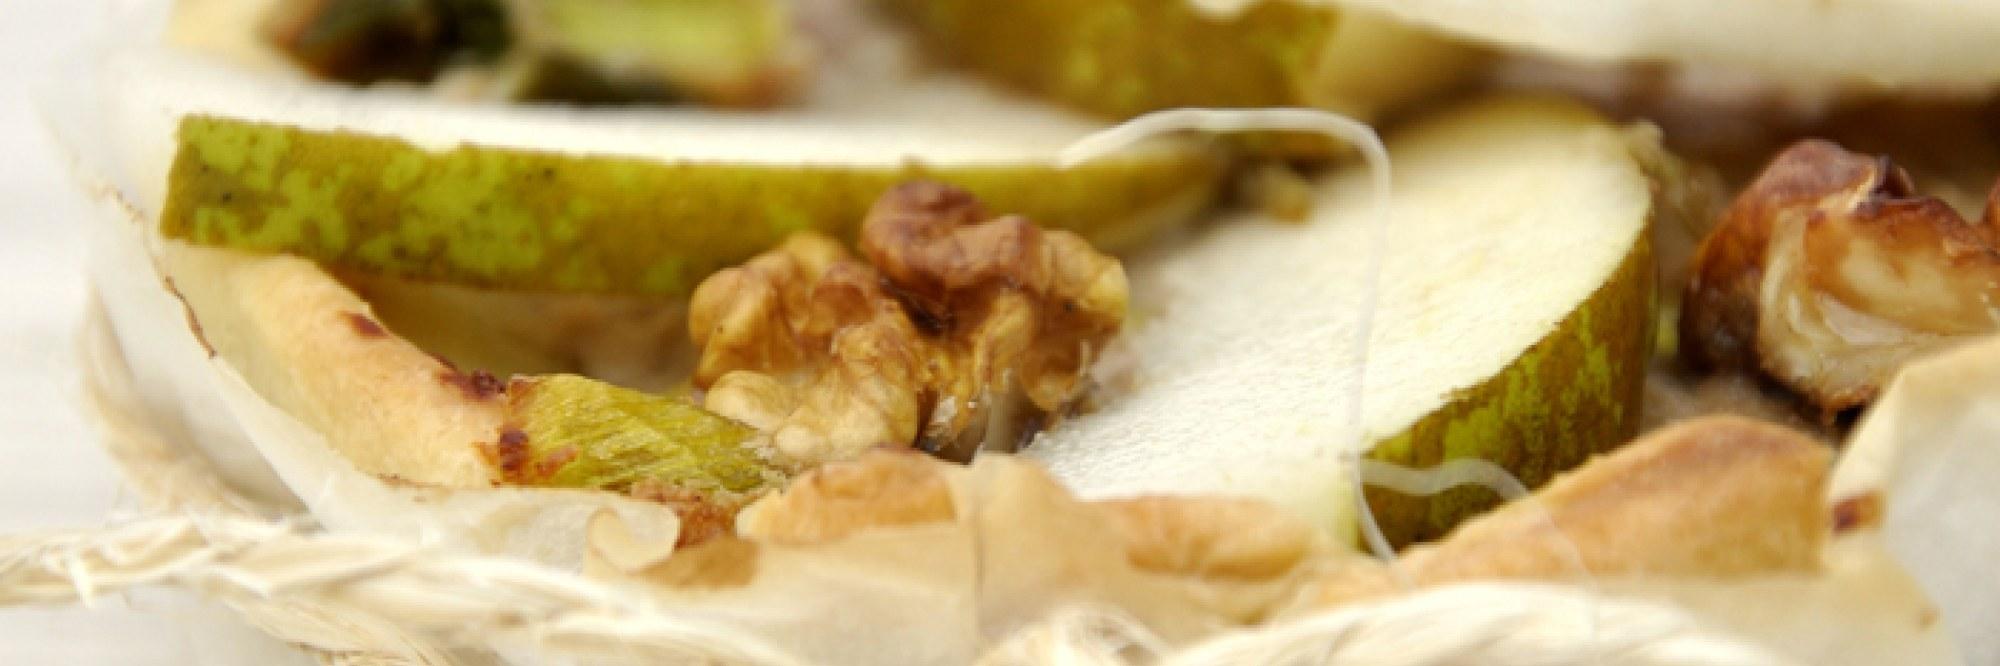 Prei-perentaart met natto